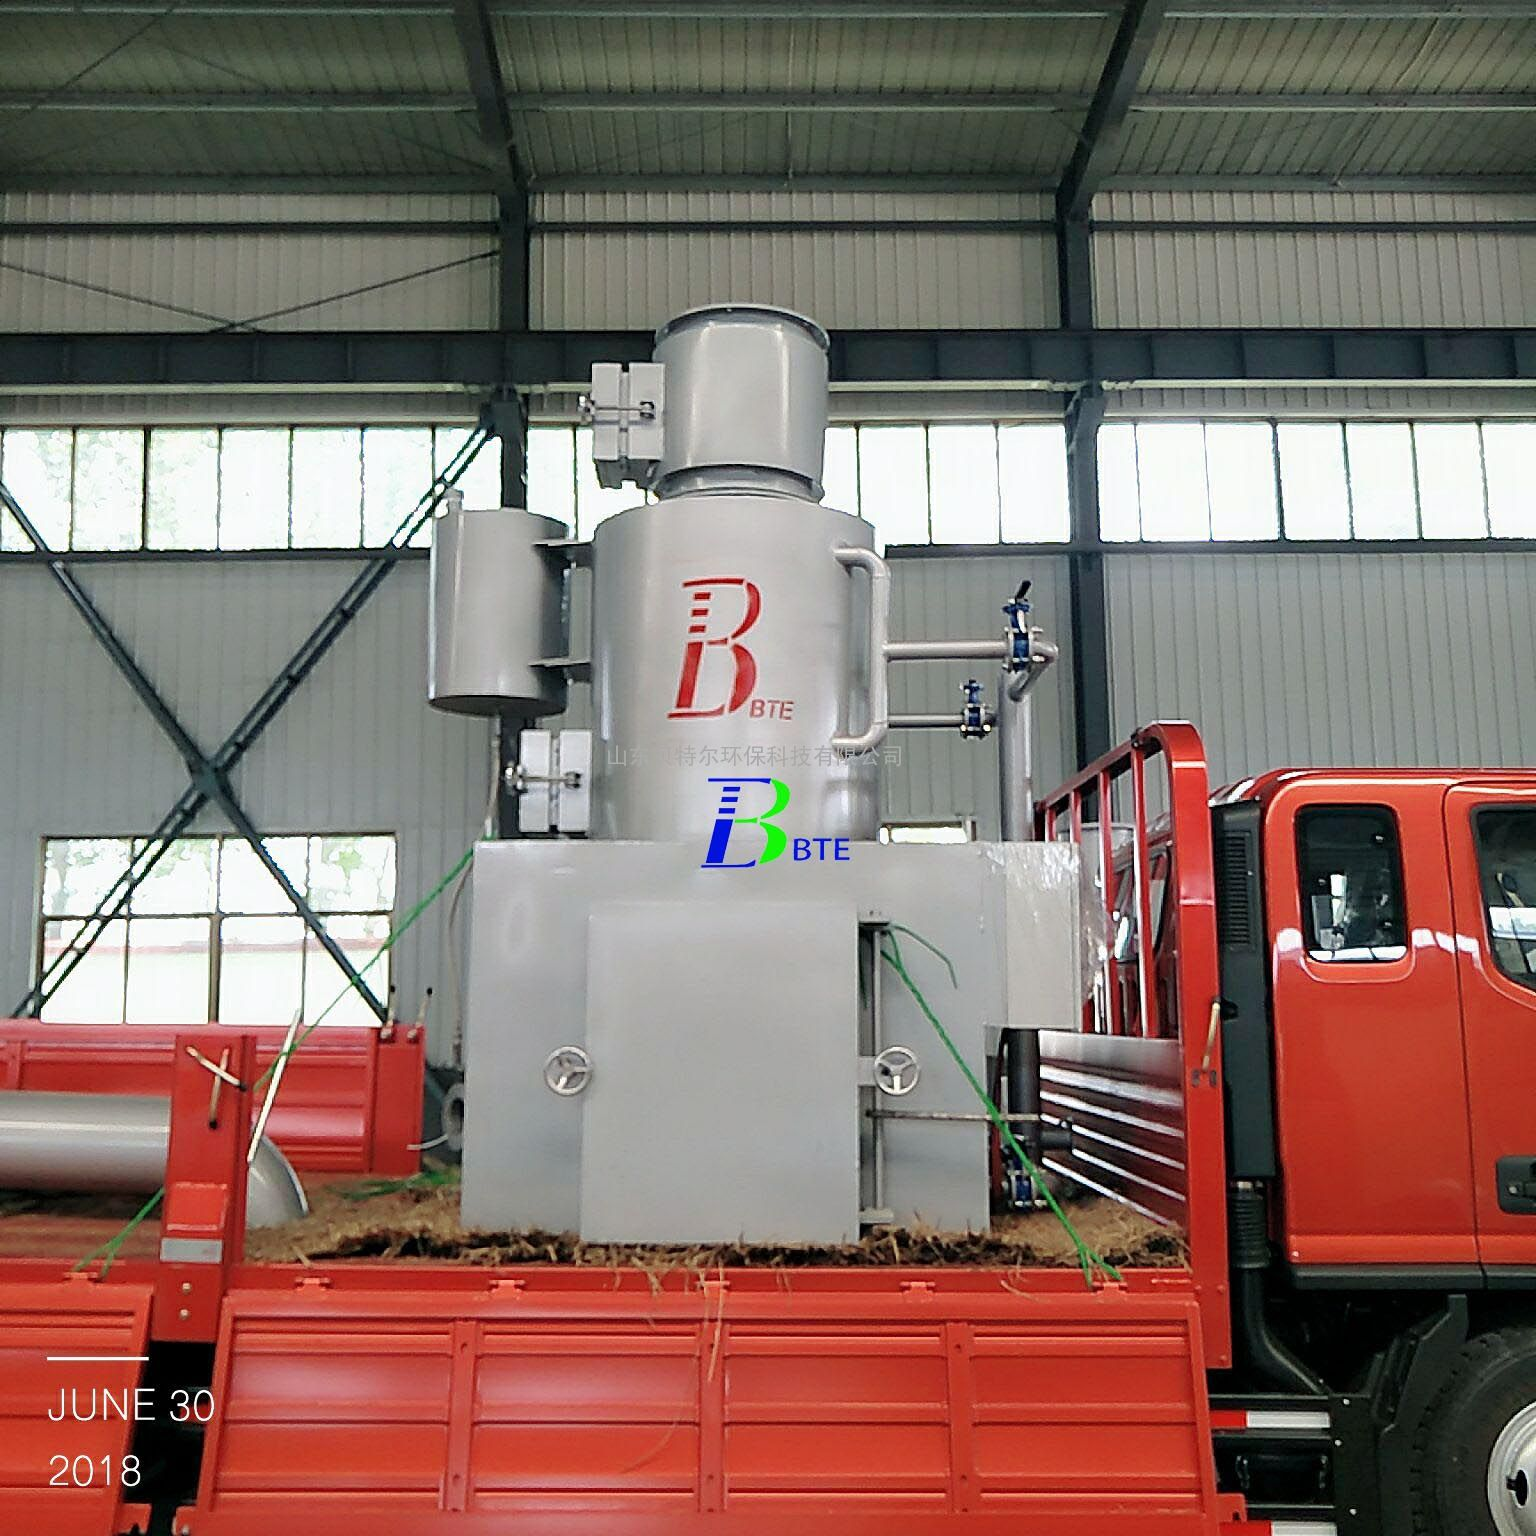 小型工业废弃物垃圾焚烧炉 贝特尔环保 烟气达标排放